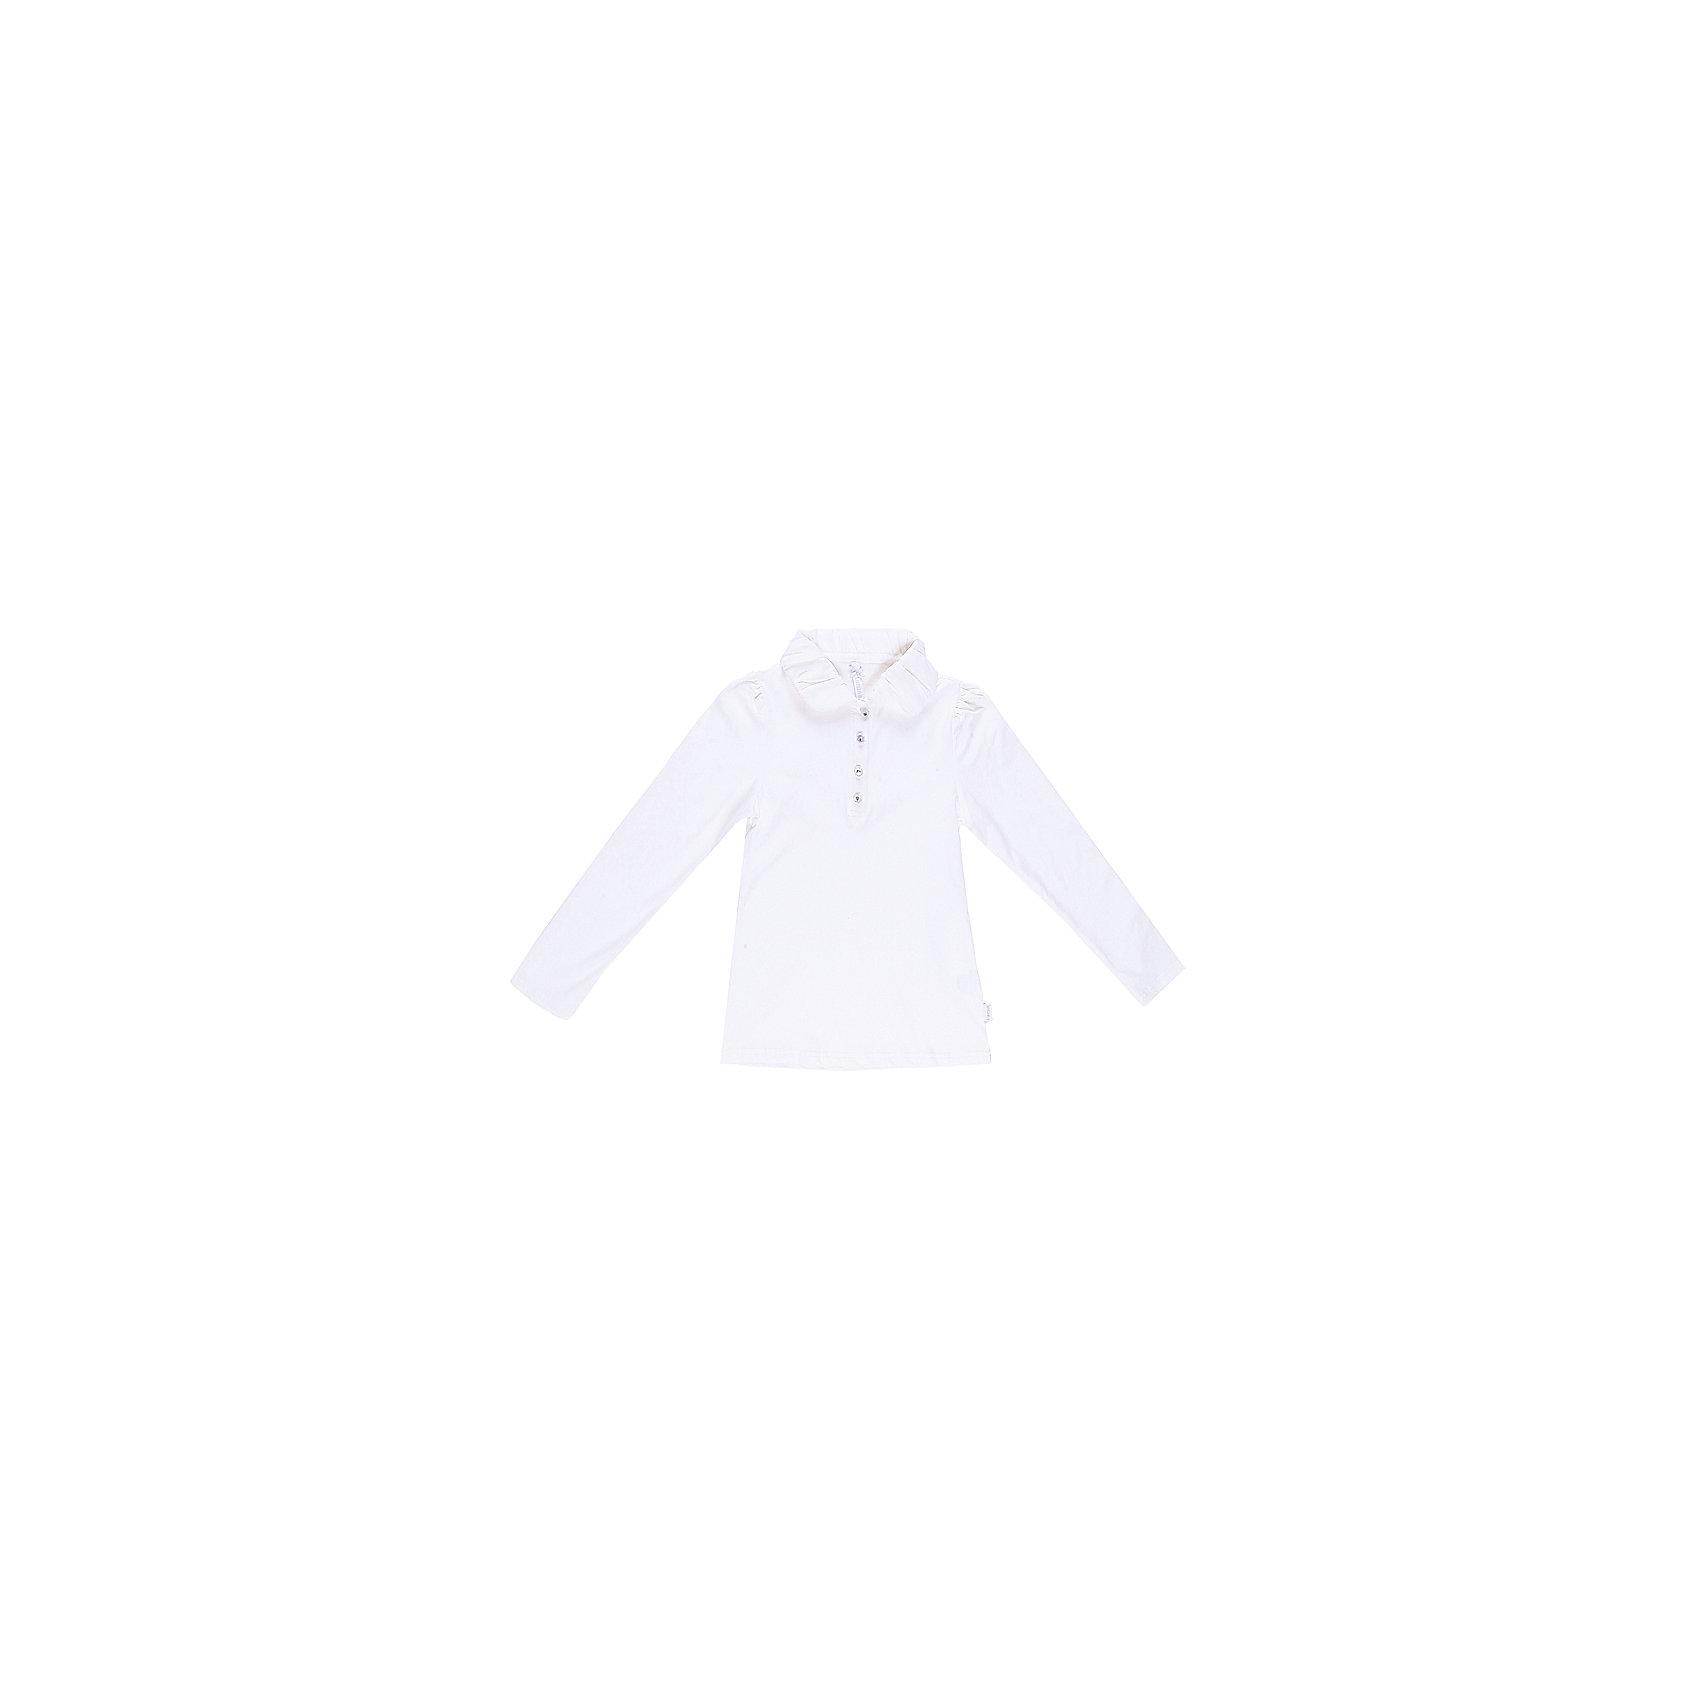 Блуза для девочки LuminosoБлузки и рубашки<br>Блуза для девочки от известного бренда Luminoso<br>Блуза для девочек из  качественного натурального трикотажа  нежных оттенков. Воротничок выполнен из шифона.<br>Состав:<br>95% хлопок, 5% эластан<br><br>Ширина мм: 186<br>Глубина мм: 87<br>Высота мм: 198<br>Вес г: 197<br>Цвет: молочный<br>Возраст от месяцев: 144<br>Возраст до месяцев: 156<br>Пол: Женский<br>Возраст: Детский<br>Размер: 158,128,134,140,146,152,164<br>SKU: 4728869